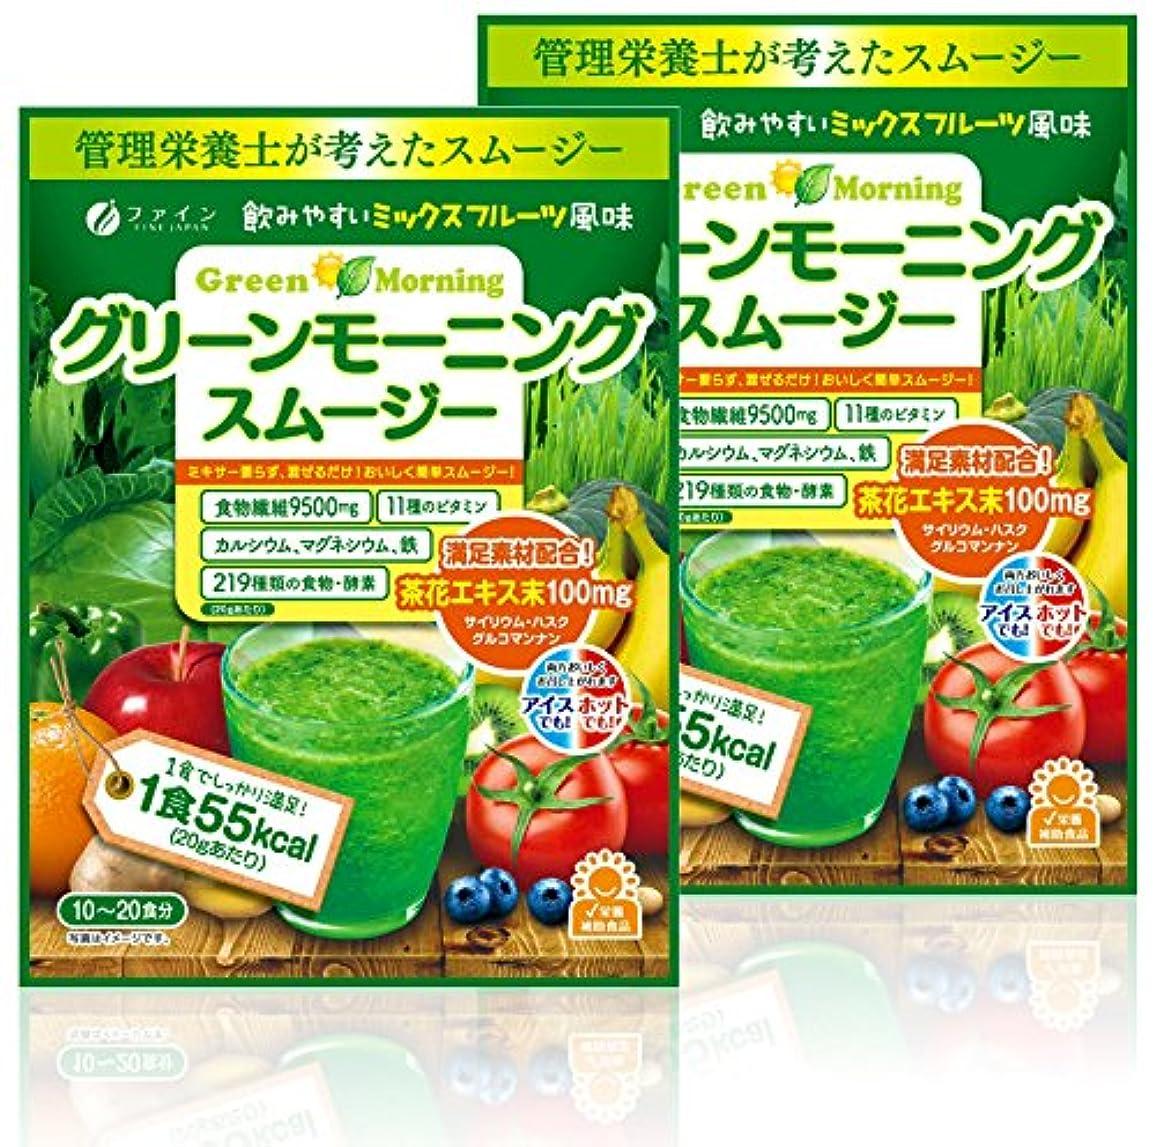 ライナーアライメント部族ファイン グリーンモーニングスムージー 食物繊維9.5g 植物酵素配合 (200g入)×2袋セット